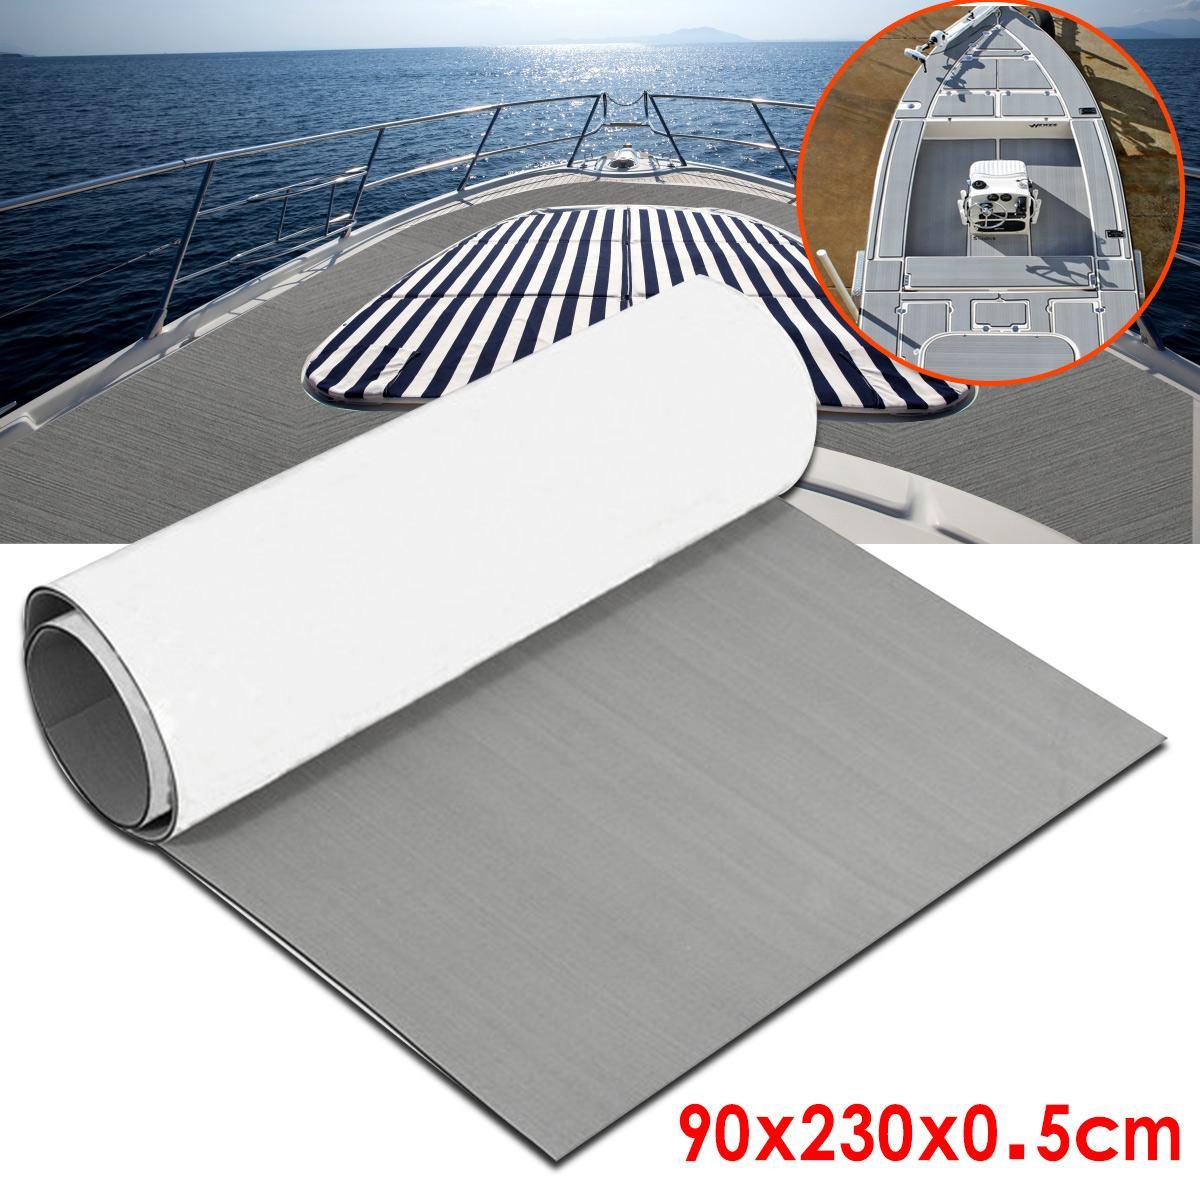 90x230x0,5 см чистый серый самоклеющиеся ЕВА пены тик лист морской яхты синтетический настил пенопластовый напольный коврик темно-коричневый